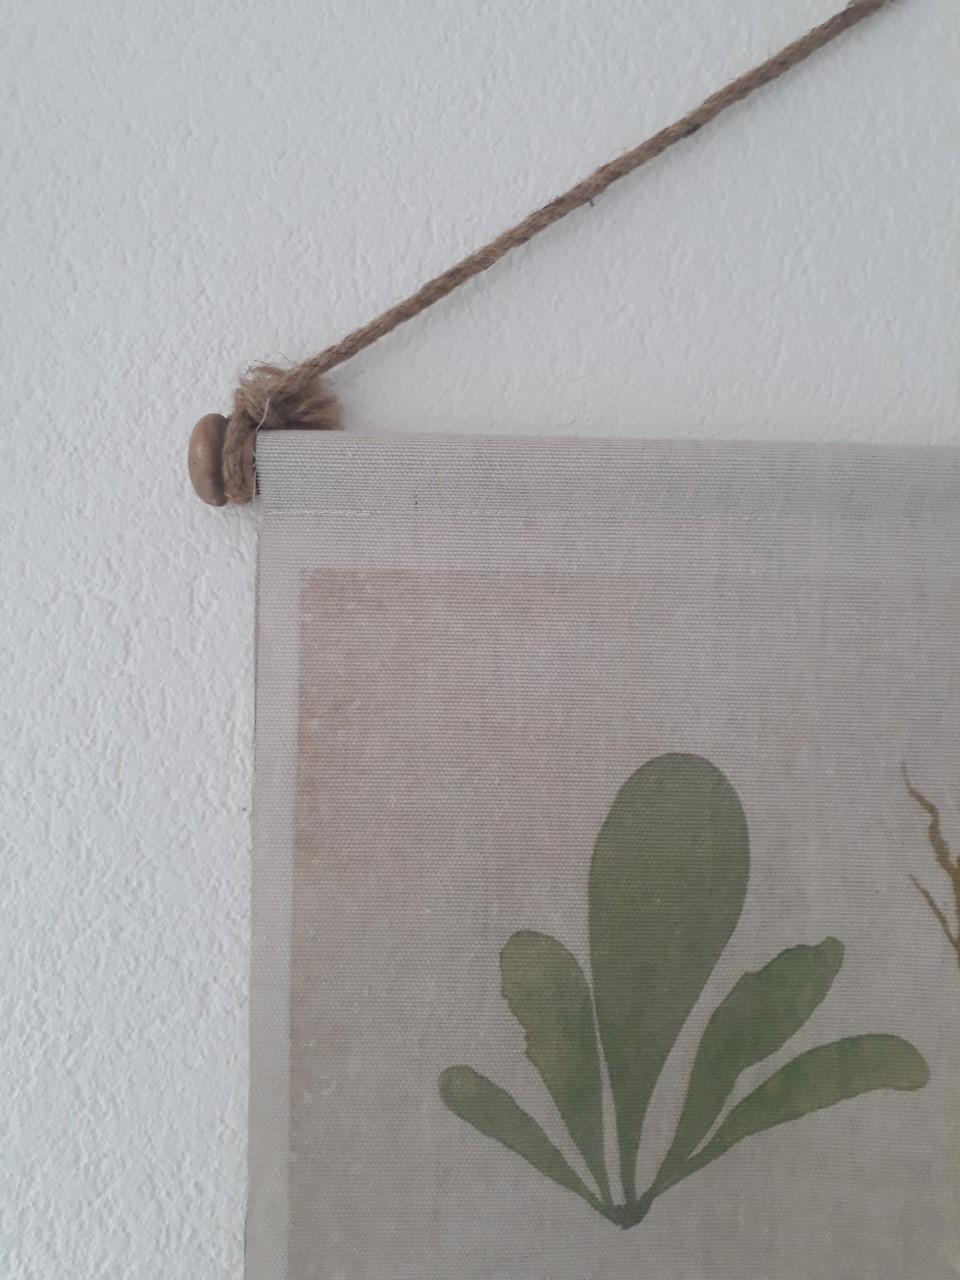 Wandkleed productfoto 2